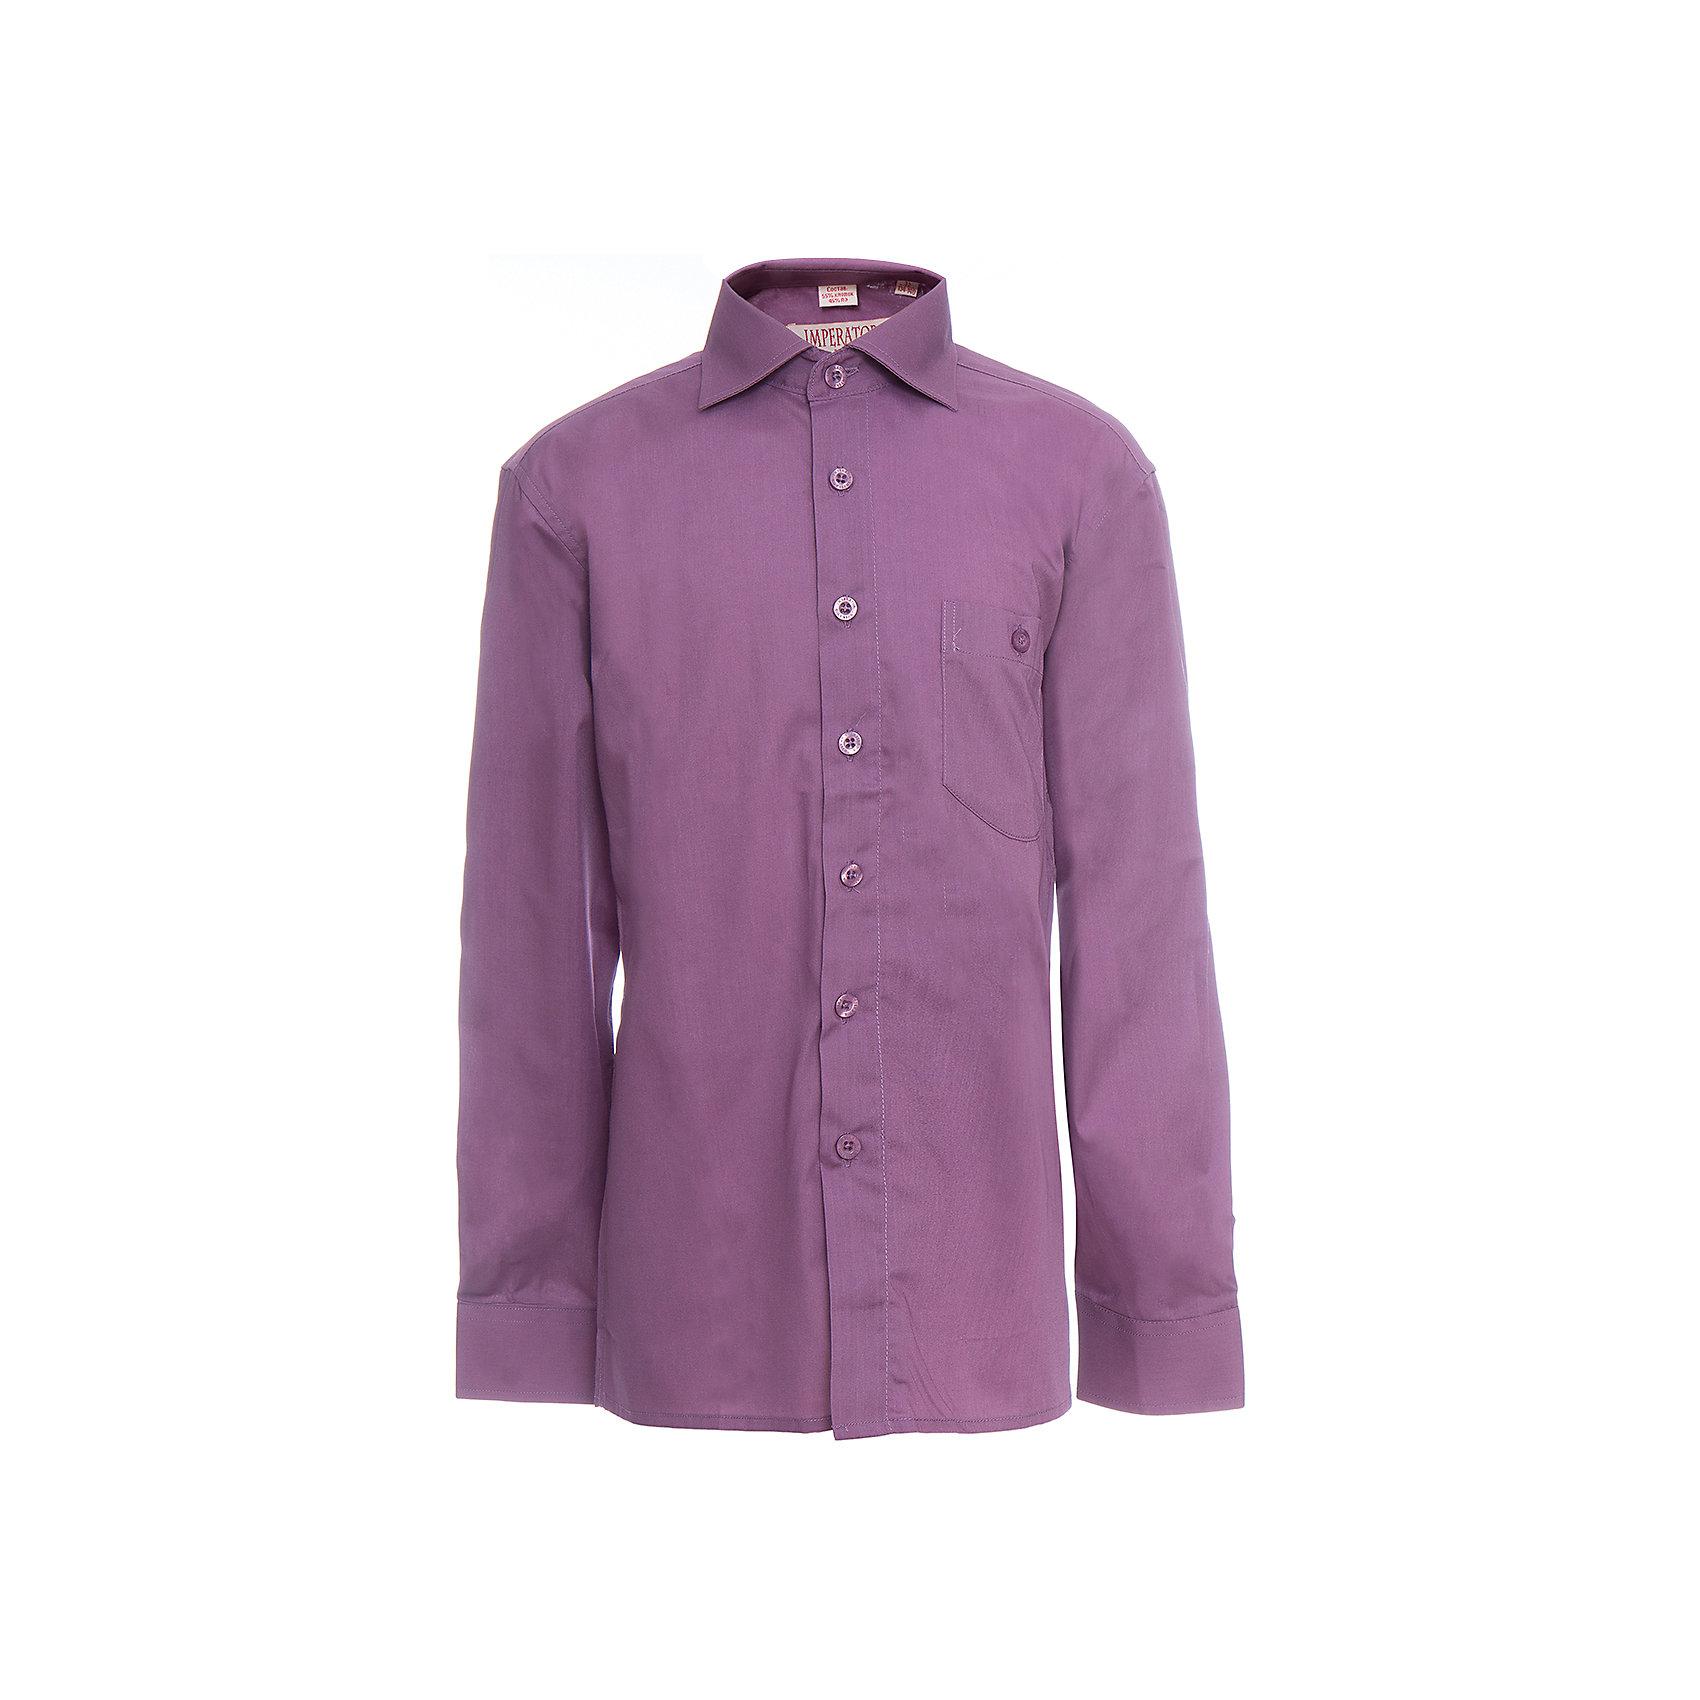 Рубашка для мальчика ImperatorБлузки и рубашки<br>Характеристики товара:<br><br>• цвет: фиолетовый<br>• состав ткани: 55% хлопок, 45% полиэстер<br>• особенности: школьная, праздничная<br>• застежка: пуговицы<br>• рукава: длинные<br>• сезон: круглый год<br>• страна бренда: Российская Федерация<br>• страна изготовитель: Китай<br><br>Стильная классическая сорочка для мальчика - отличный вариант практичной и стильной школьной одежды..<br><br>Накладной карман, свободный покрой, дышащая ткань с преобладанием хлопка - красиво и удобно.<br><br>Рубашку для мальчика Imperator (Император) можно купить в нашем интернет-магазине.<br><br>Ширина мм: 174<br>Глубина мм: 10<br>Высота мм: 169<br>Вес г: 157<br>Цвет: лиловый<br>Возраст от месяцев: 156<br>Возраст до месяцев: 168<br>Пол: Мужской<br>Возраст: Детский<br>Размер: 164/170,122/128,128/134,134/140,140/146,146/152,146/152,152/158,152/158,158/164<br>SKU: 6860842